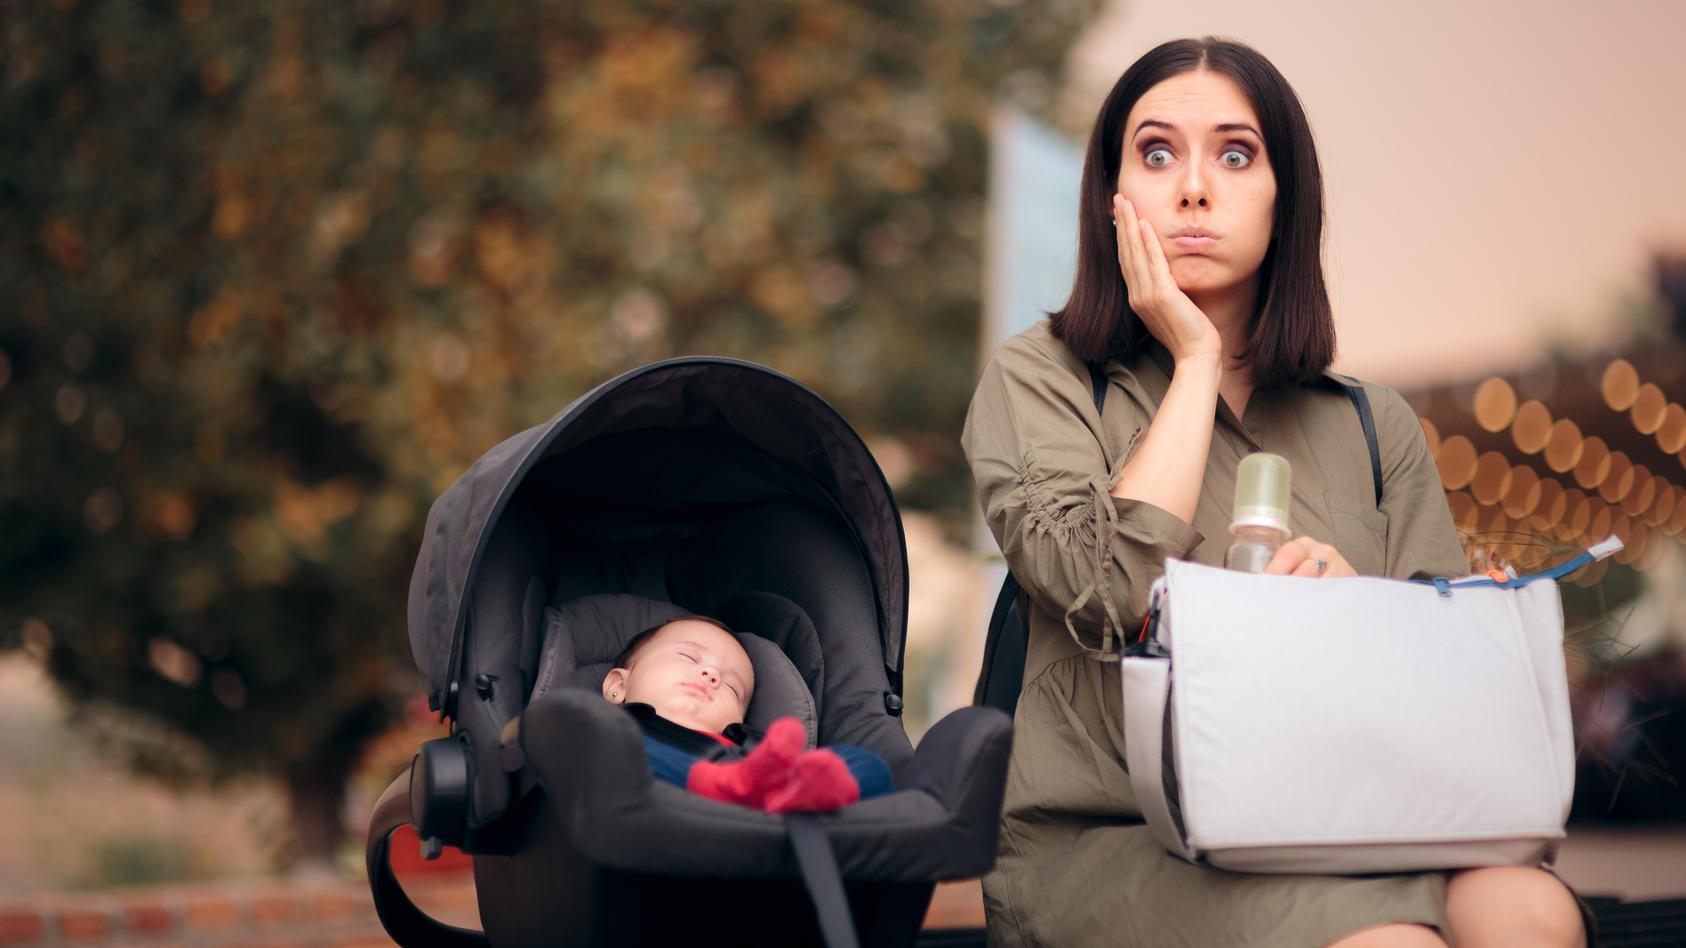 Wieder etwas wichtiges zuhause vergessen? Keine Sorge - junge Mütter und Schwangere sind häufig vergesslicher als sonst. Woran das liegt und was Sie dagegen tun können.